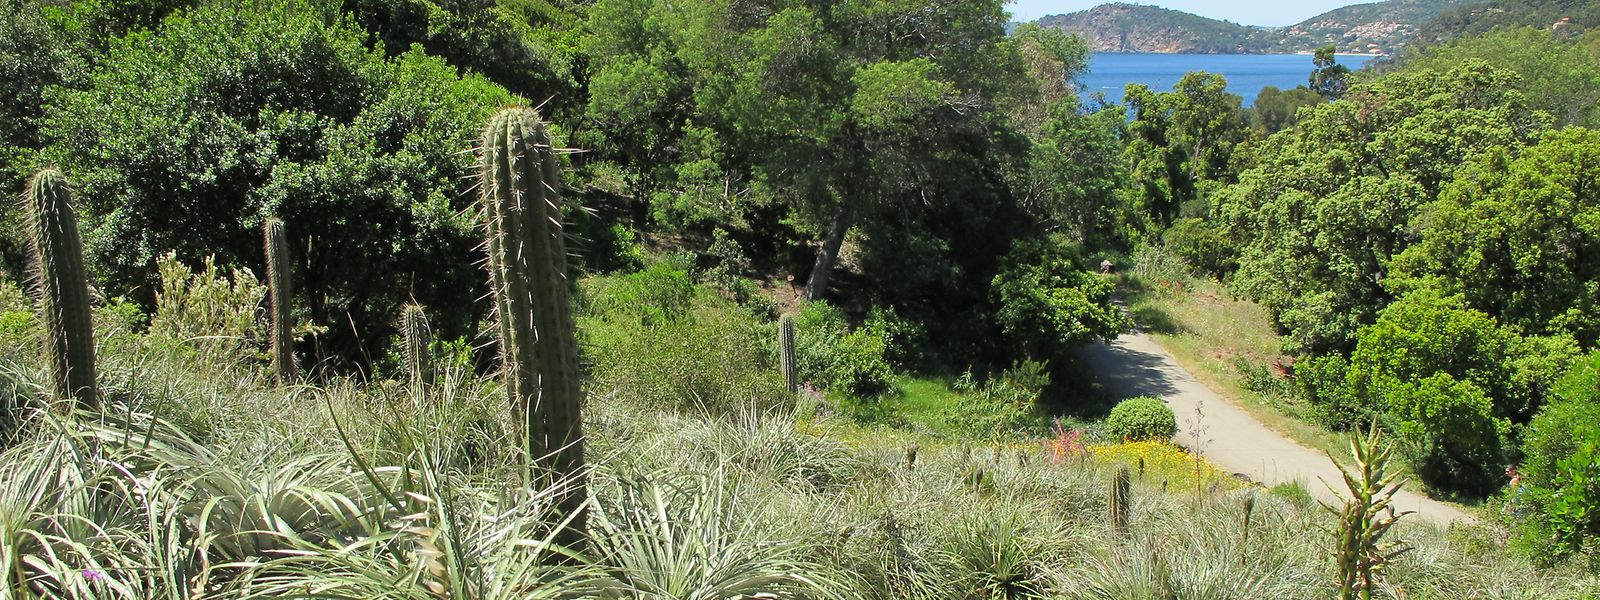 """Südamerikanische Vegetation vor mediterraner Kulisse: Ein Spaziergang durch den """"Jardin du Chili"""" bietet Eindrücke unterschiedlicher Art."""